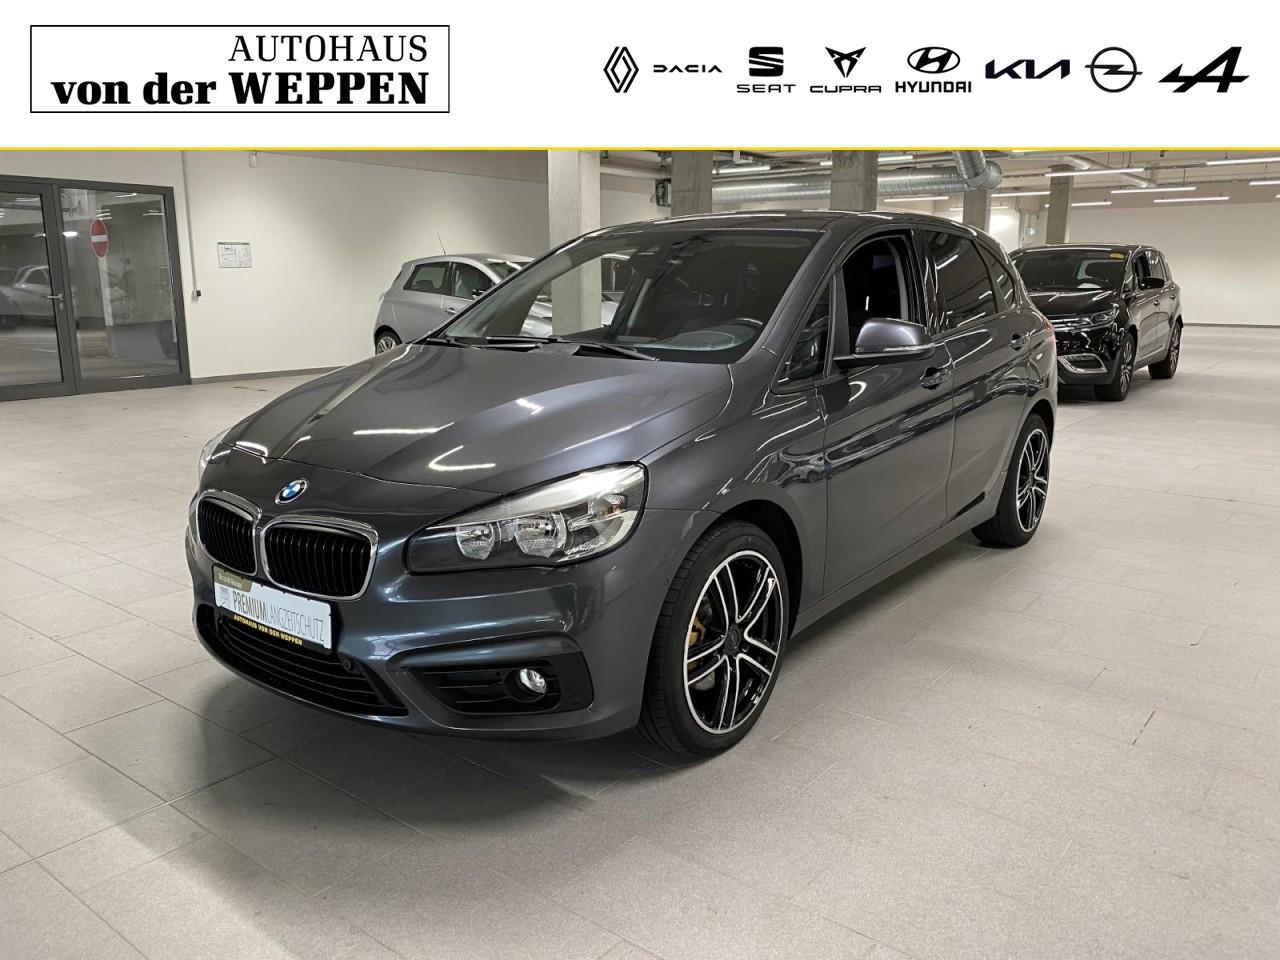 BMW 2er Active Tourer 218 i Elektr. Heckklappe AHK, Jahr 2015, Benzin